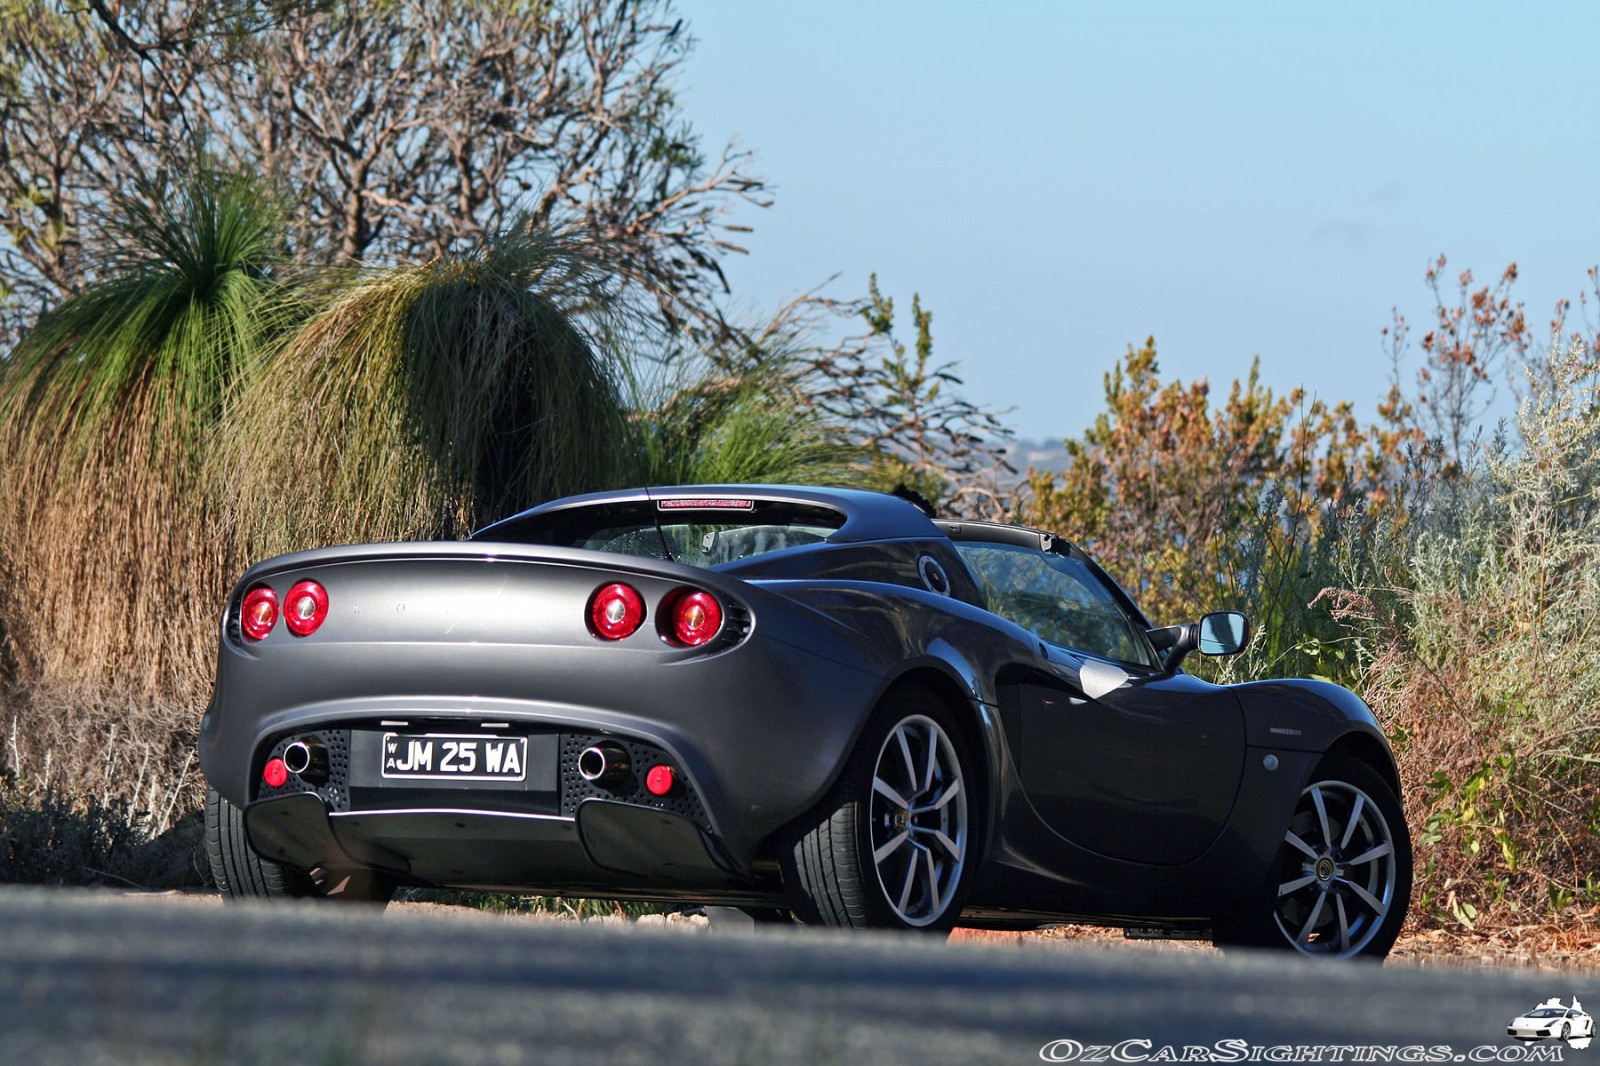 Lotus Lotus Elise 111s